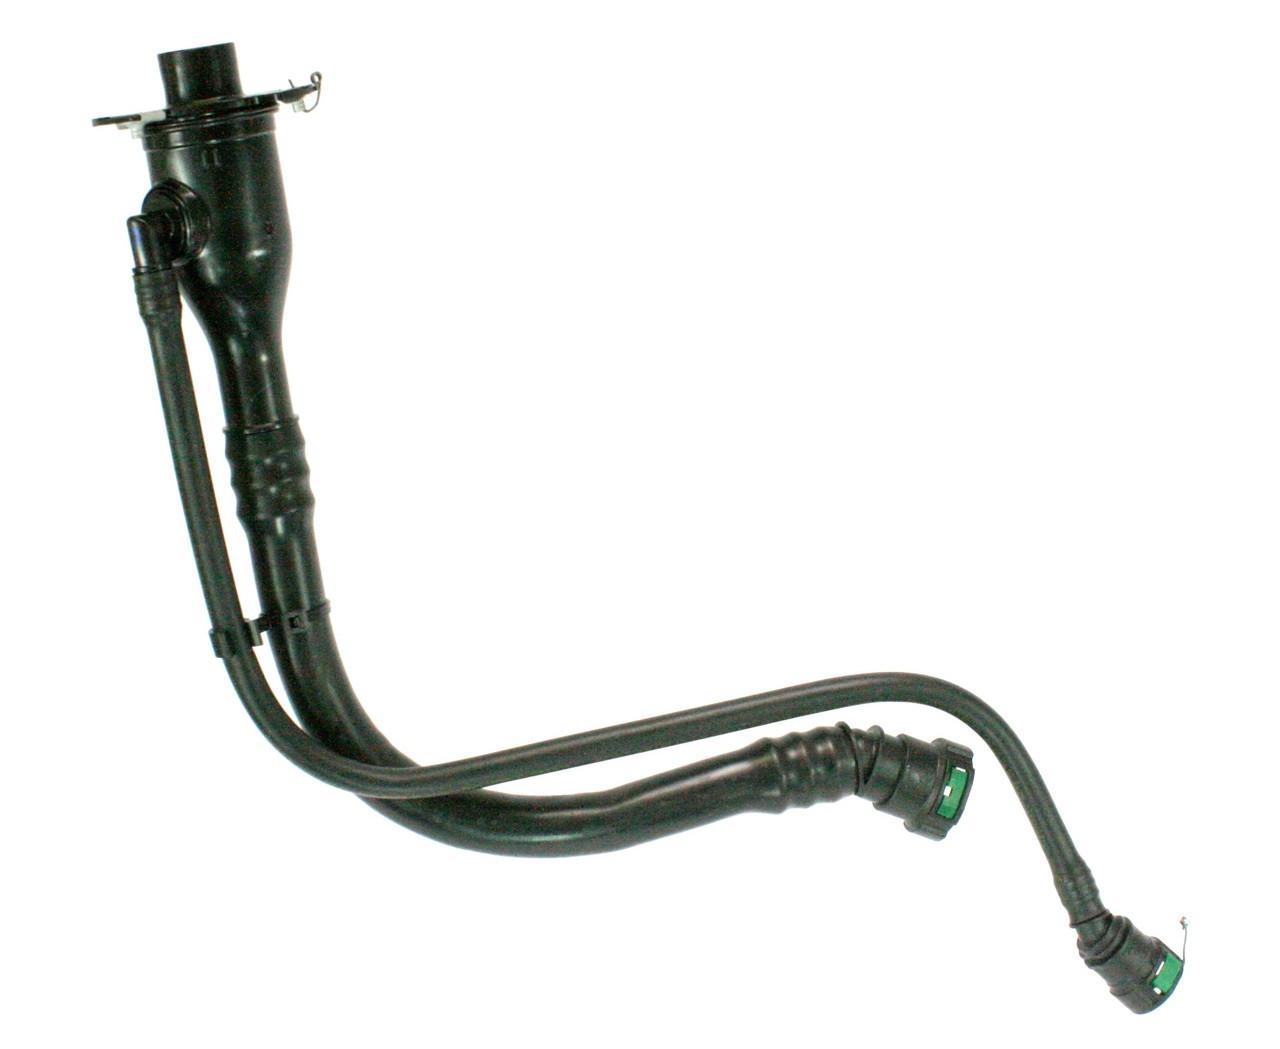 def diesel exhaust fluid urea filler neck 68101174aa  1 u0026quot  x 1  2 u0026quot